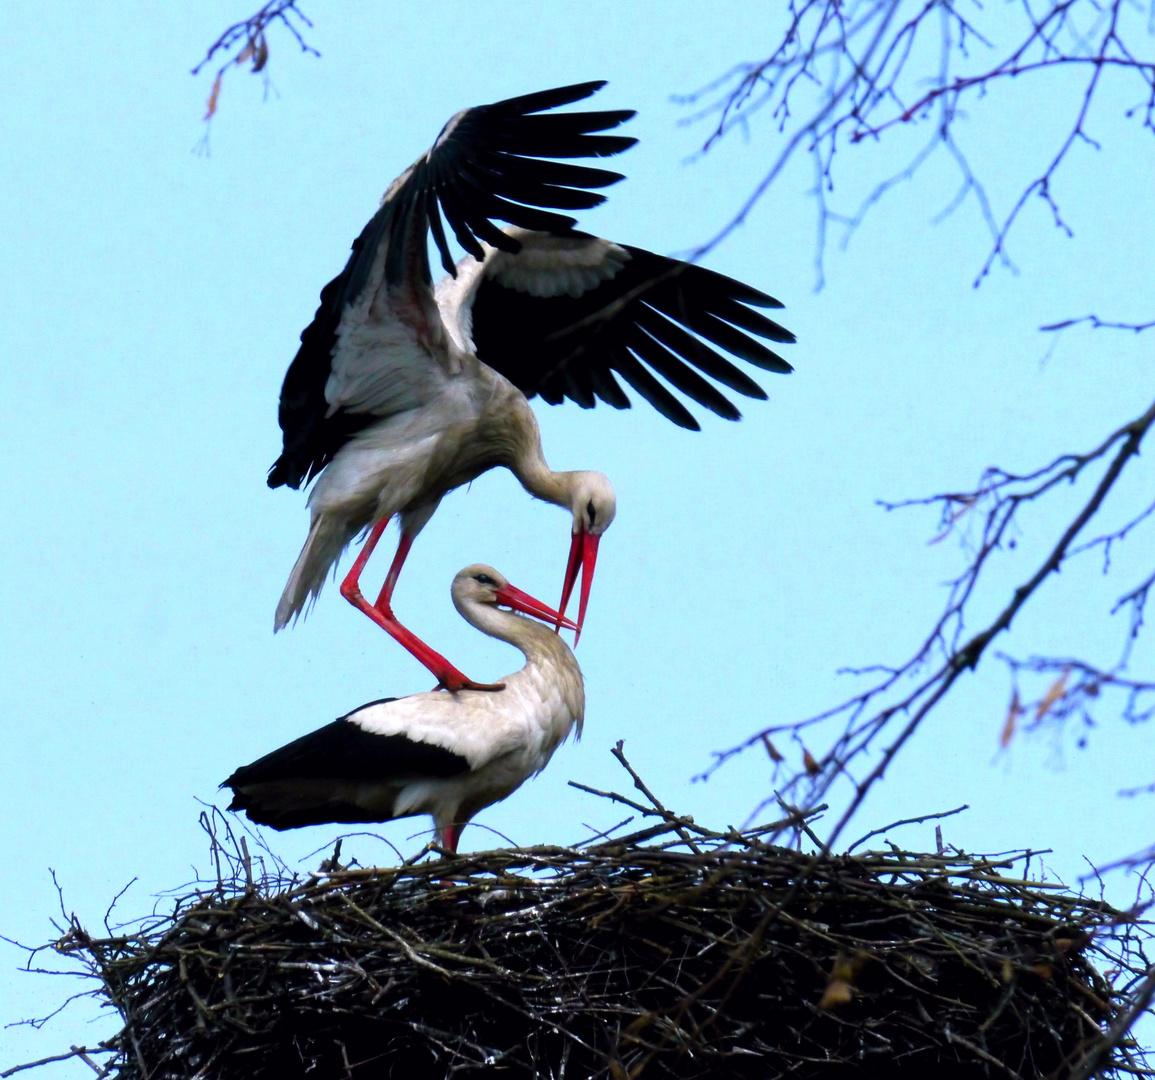 Ja, die Liebe hat schwarze Flügel...